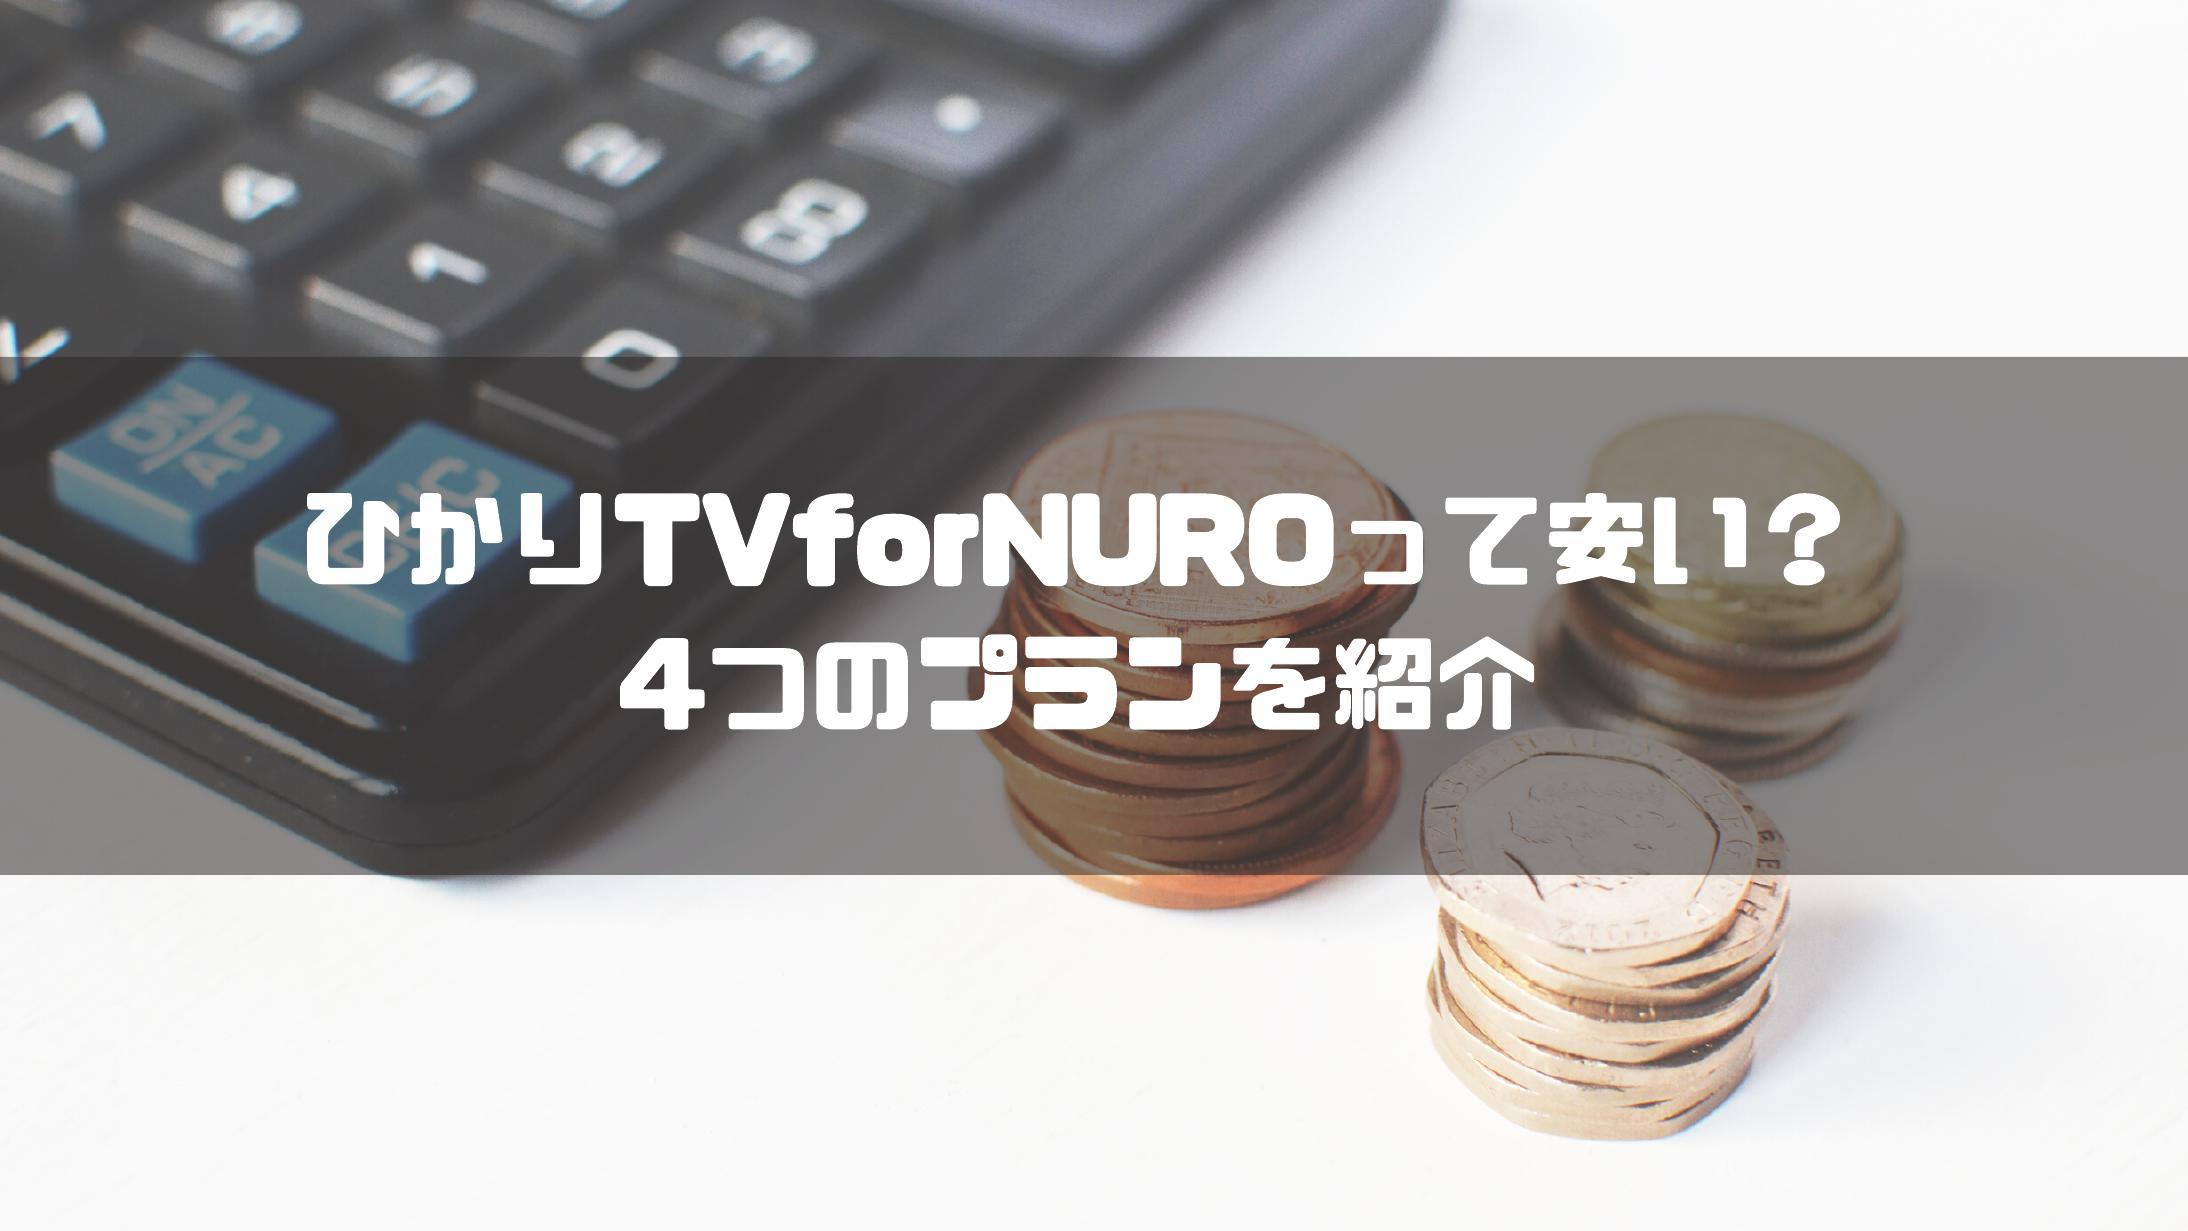 NNURO_光_テレビ